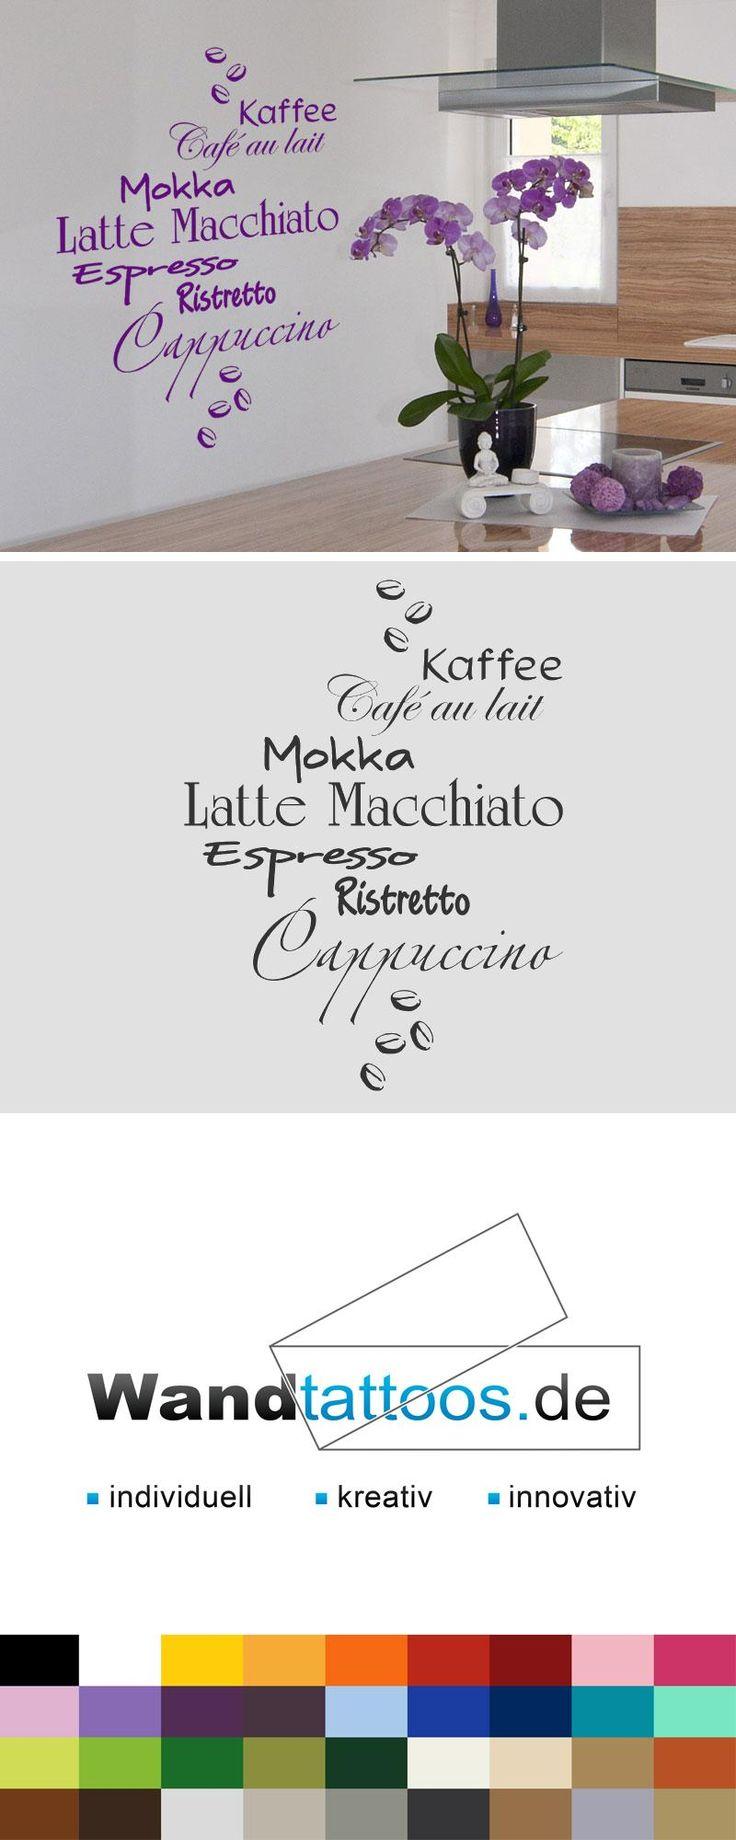 die besten 25 kaffeesorten ideen auf pinterest filterkaffee kaffeemaschine f r b ro und h he. Black Bedroom Furniture Sets. Home Design Ideas